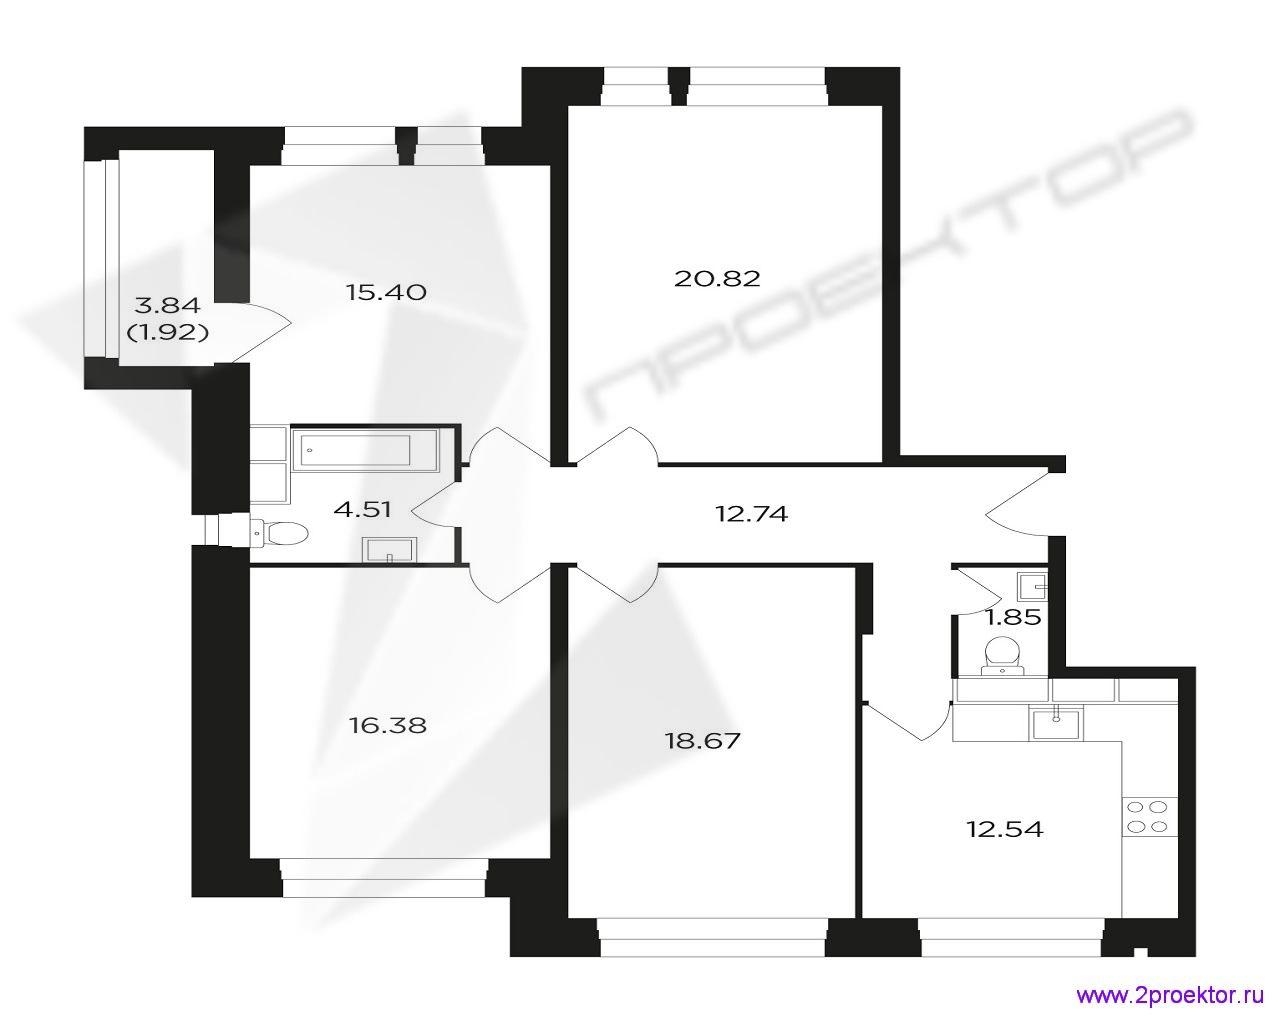 Типовой вариант планировки четырехкомнатной квартиры в Жилом комплексе Преображение.